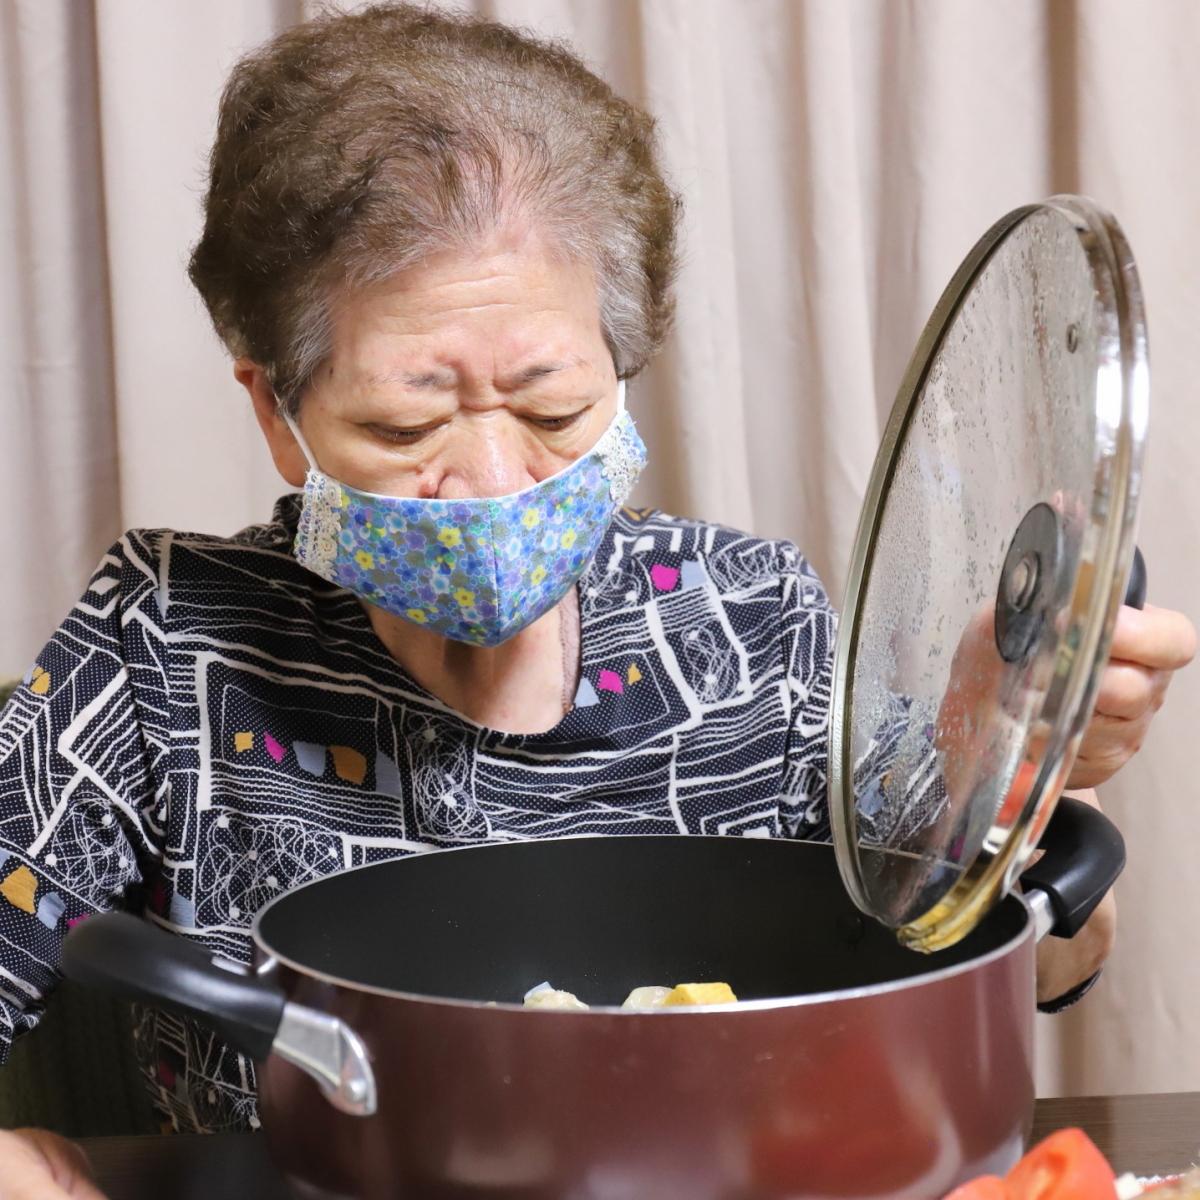 食卓に置いた鍋のフタを開ける祖母(おばあ)